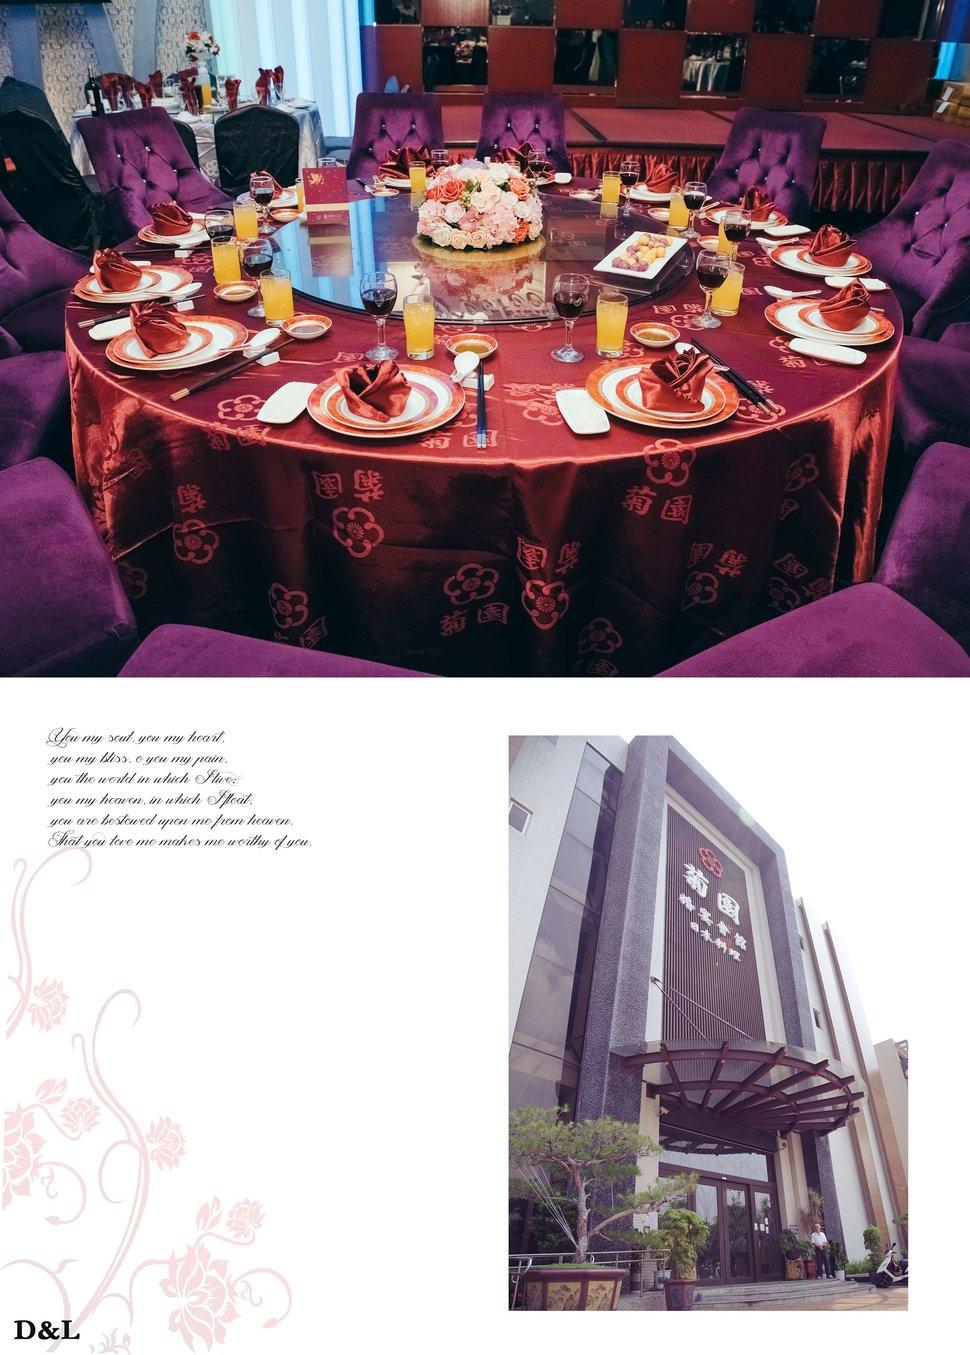 台中婚攝 婚禮紀錄 顥天&美彣 菊園婚宴會館(編號:253183) - D&L 婚禮事務-婚紗攝影/婚禮記錄 - 結婚吧